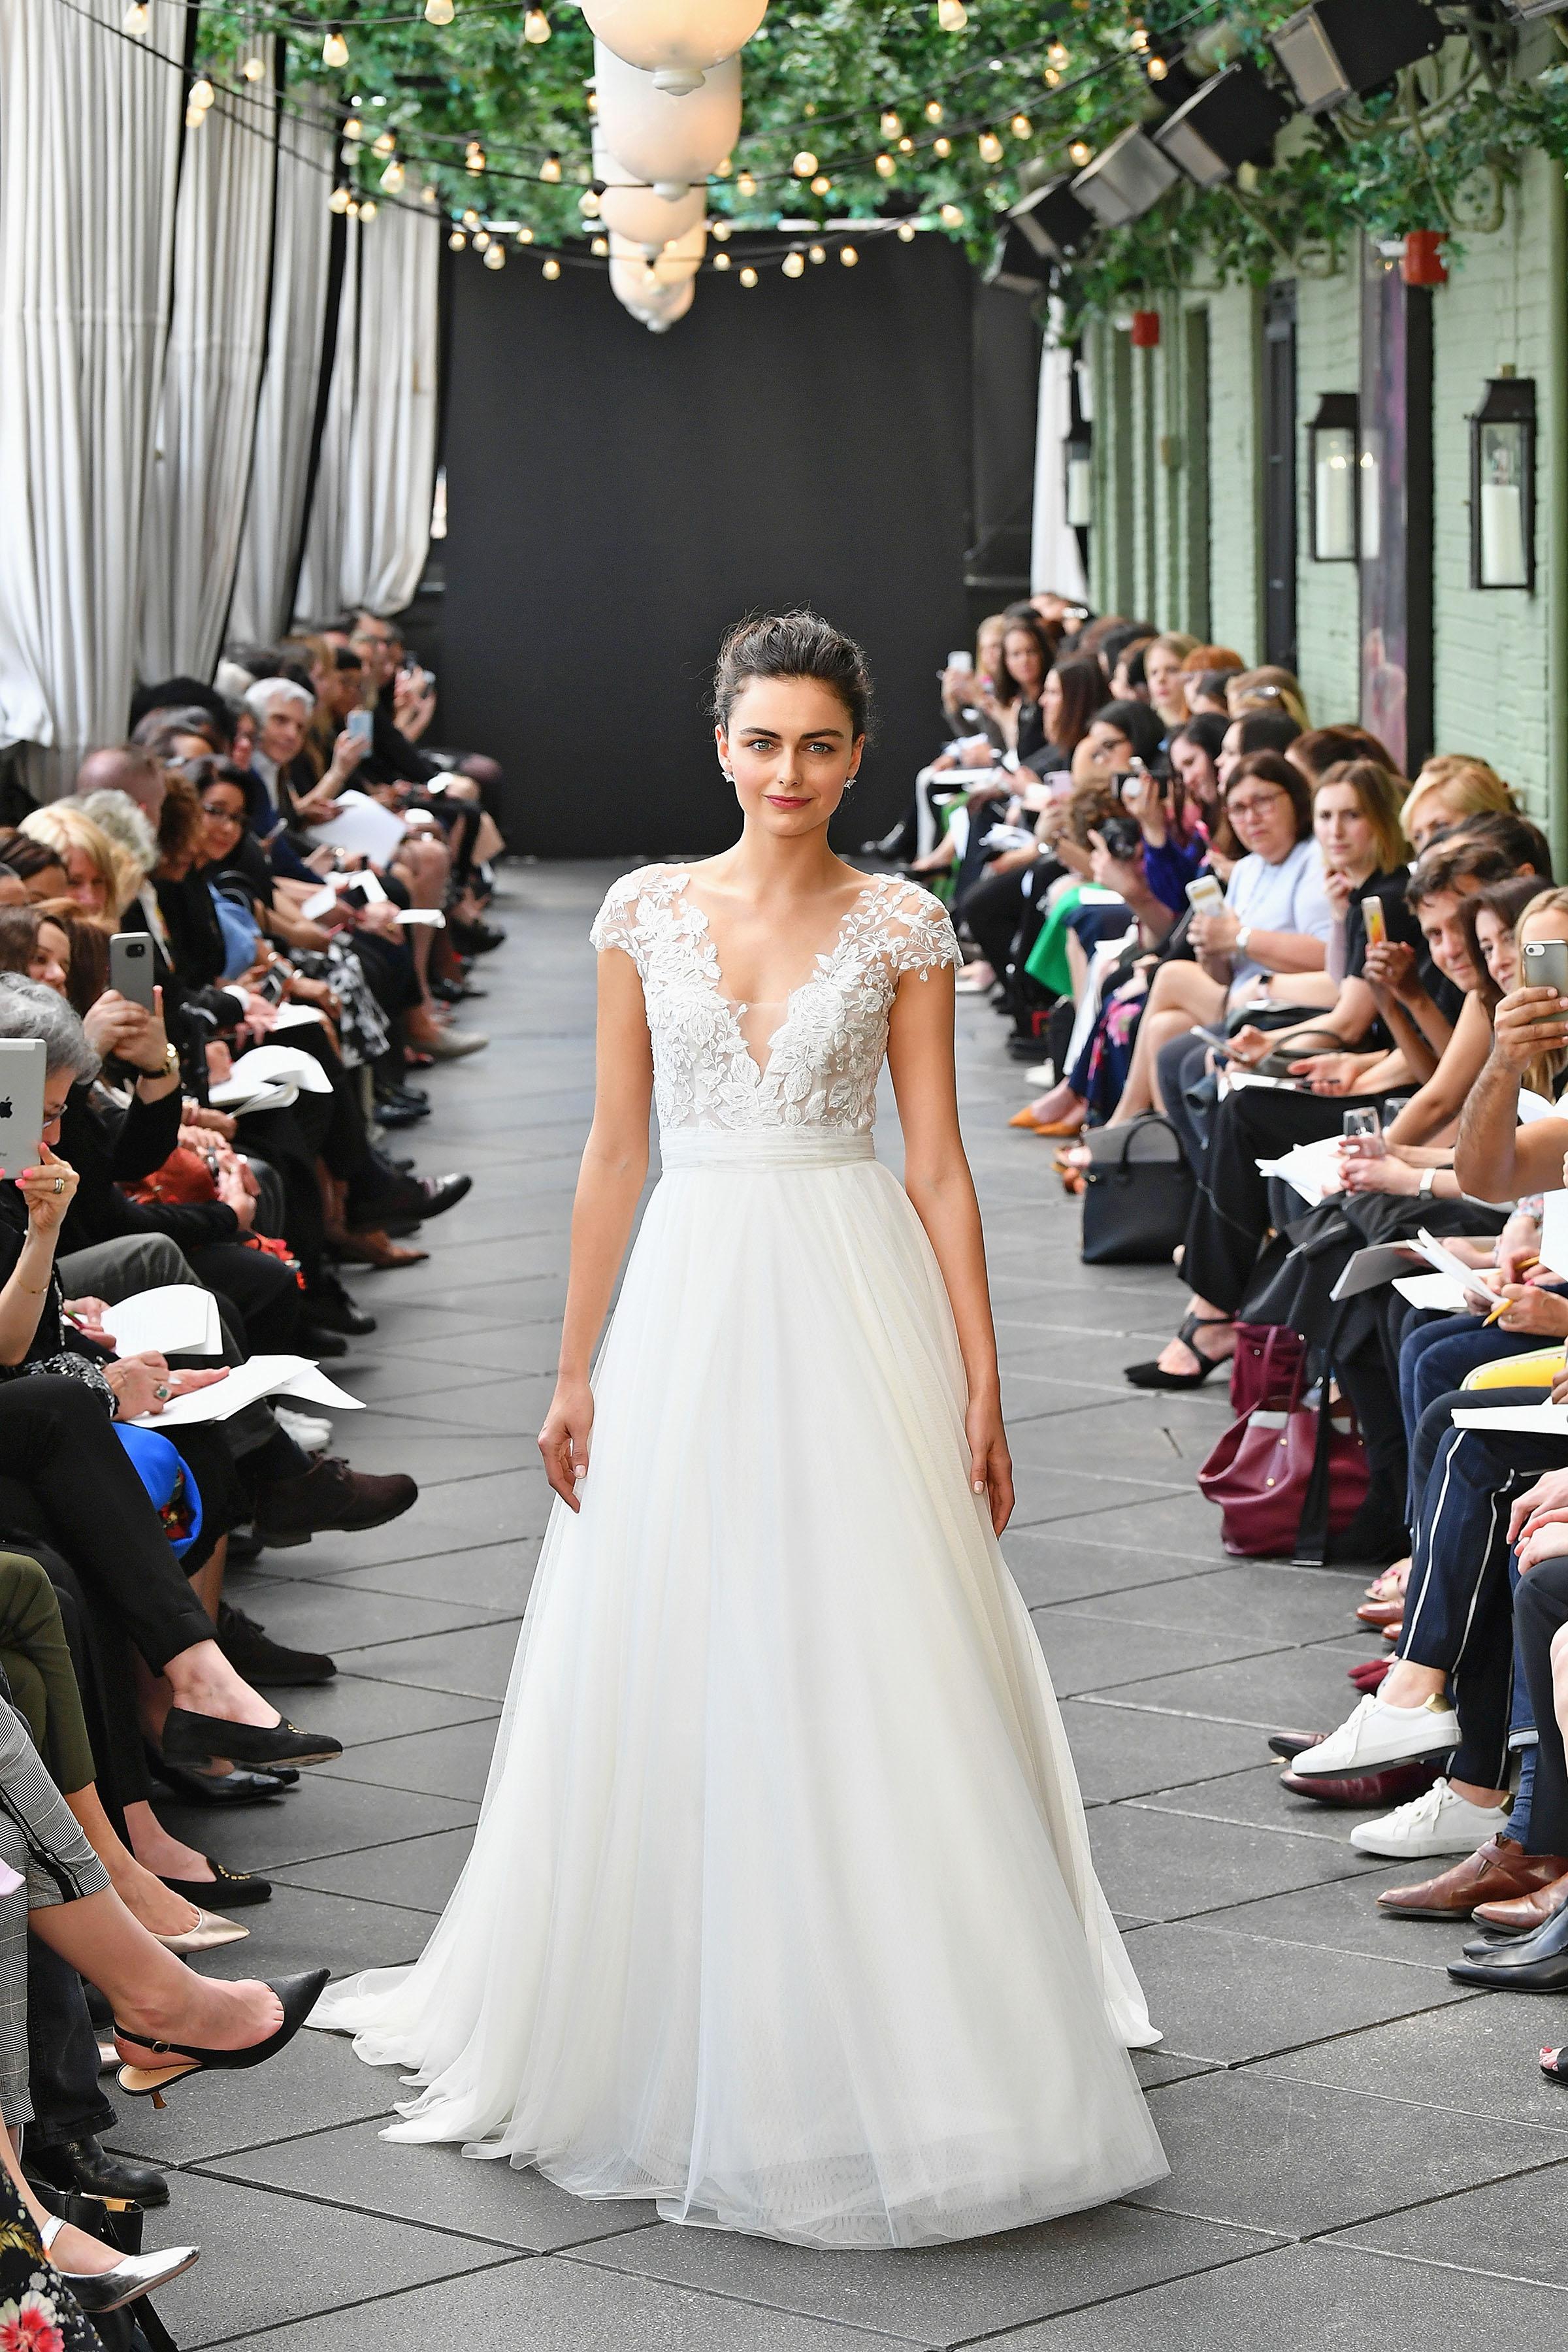 nouvelle amsale wedding dress spring 2019 floral v-neck